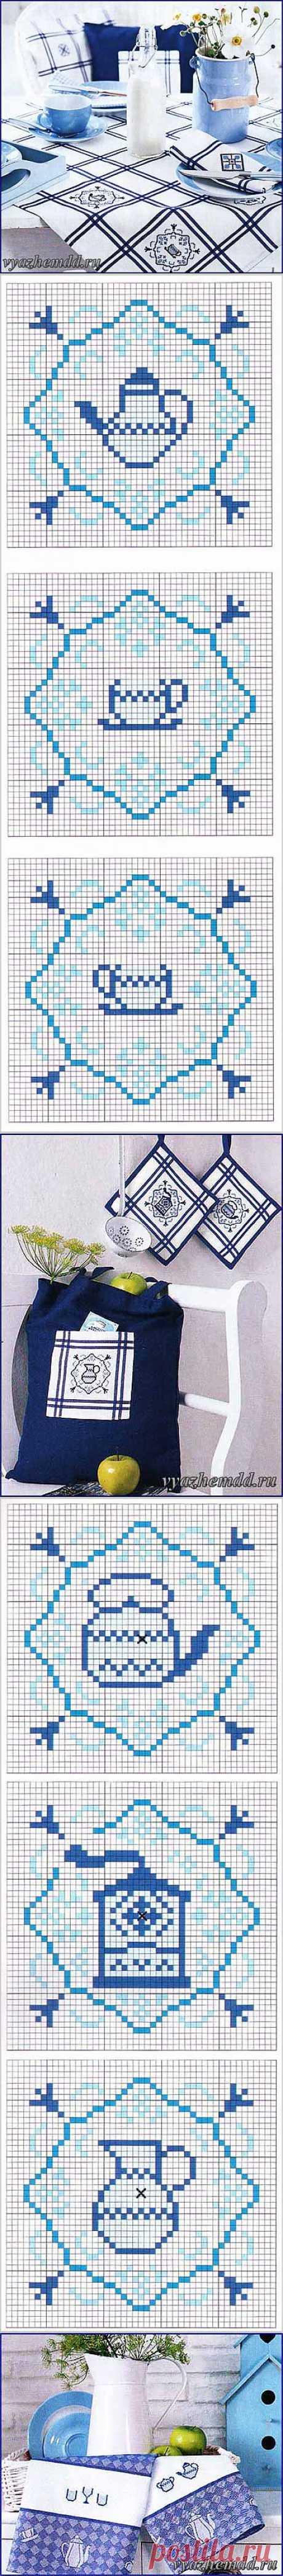 Вышивка крестом салфетки, скатерти и другого кухонного текстиля | Милые мелочи